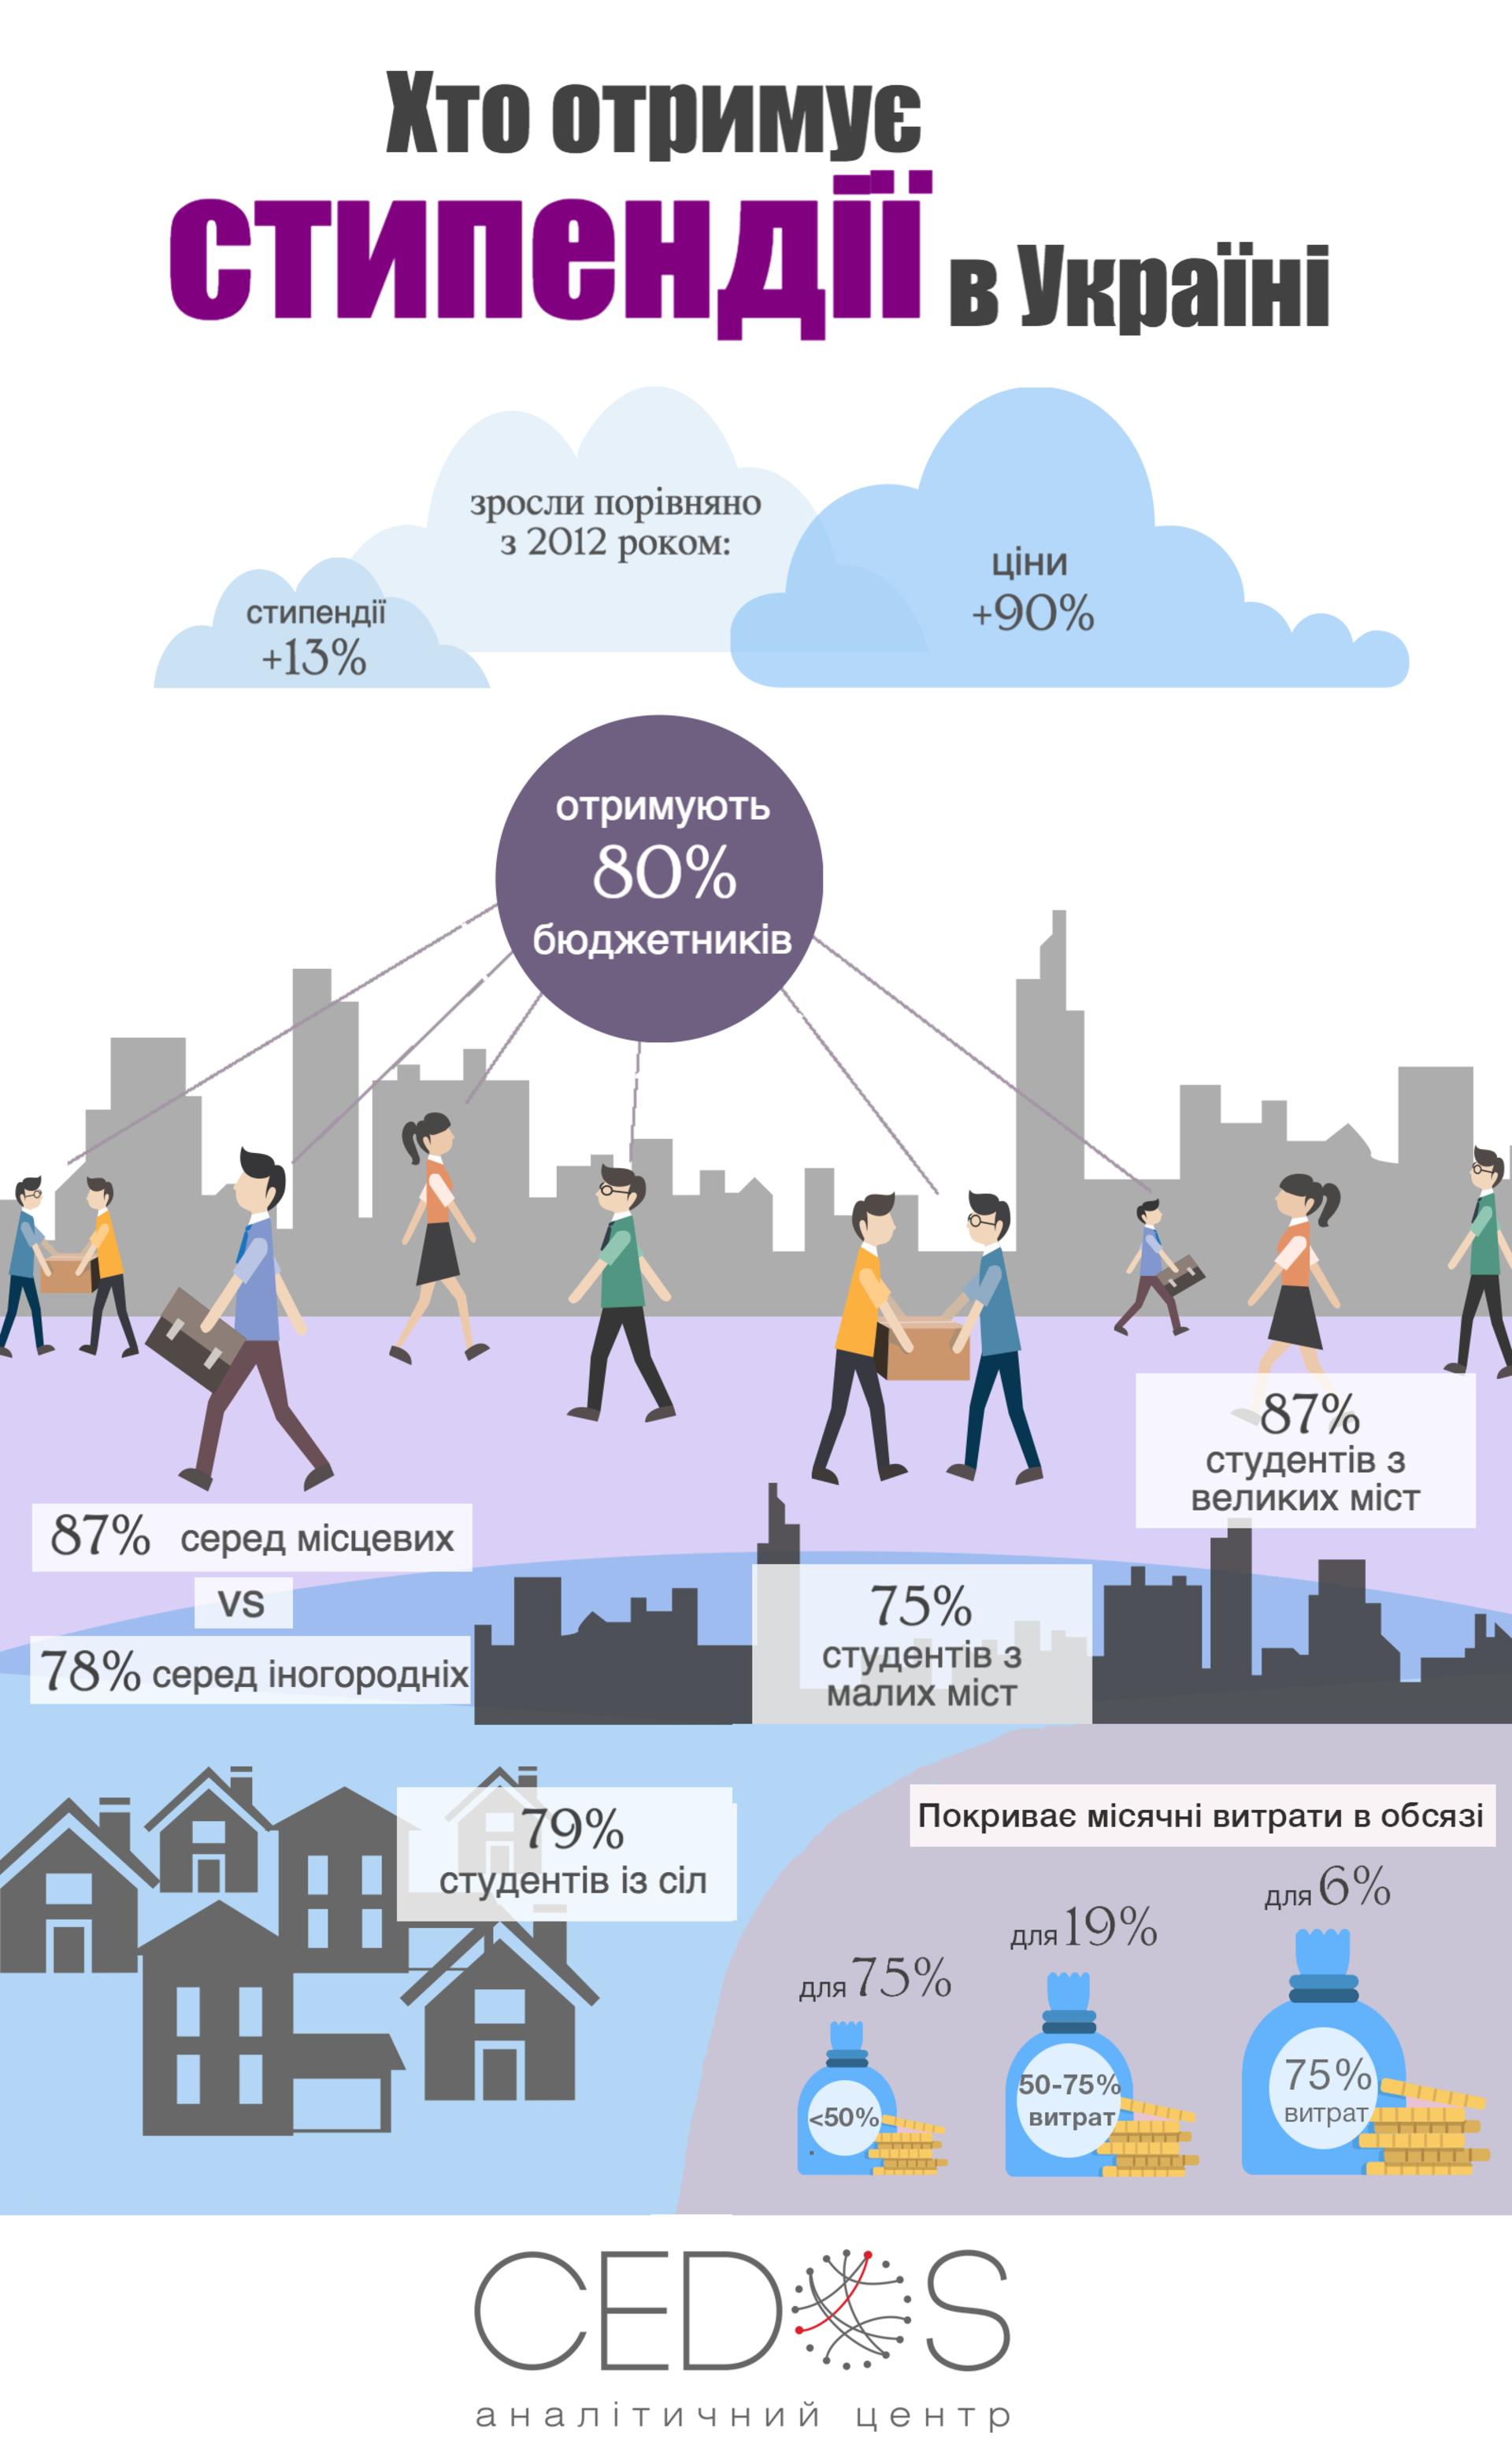 Стипендії в Україні - інфографіка